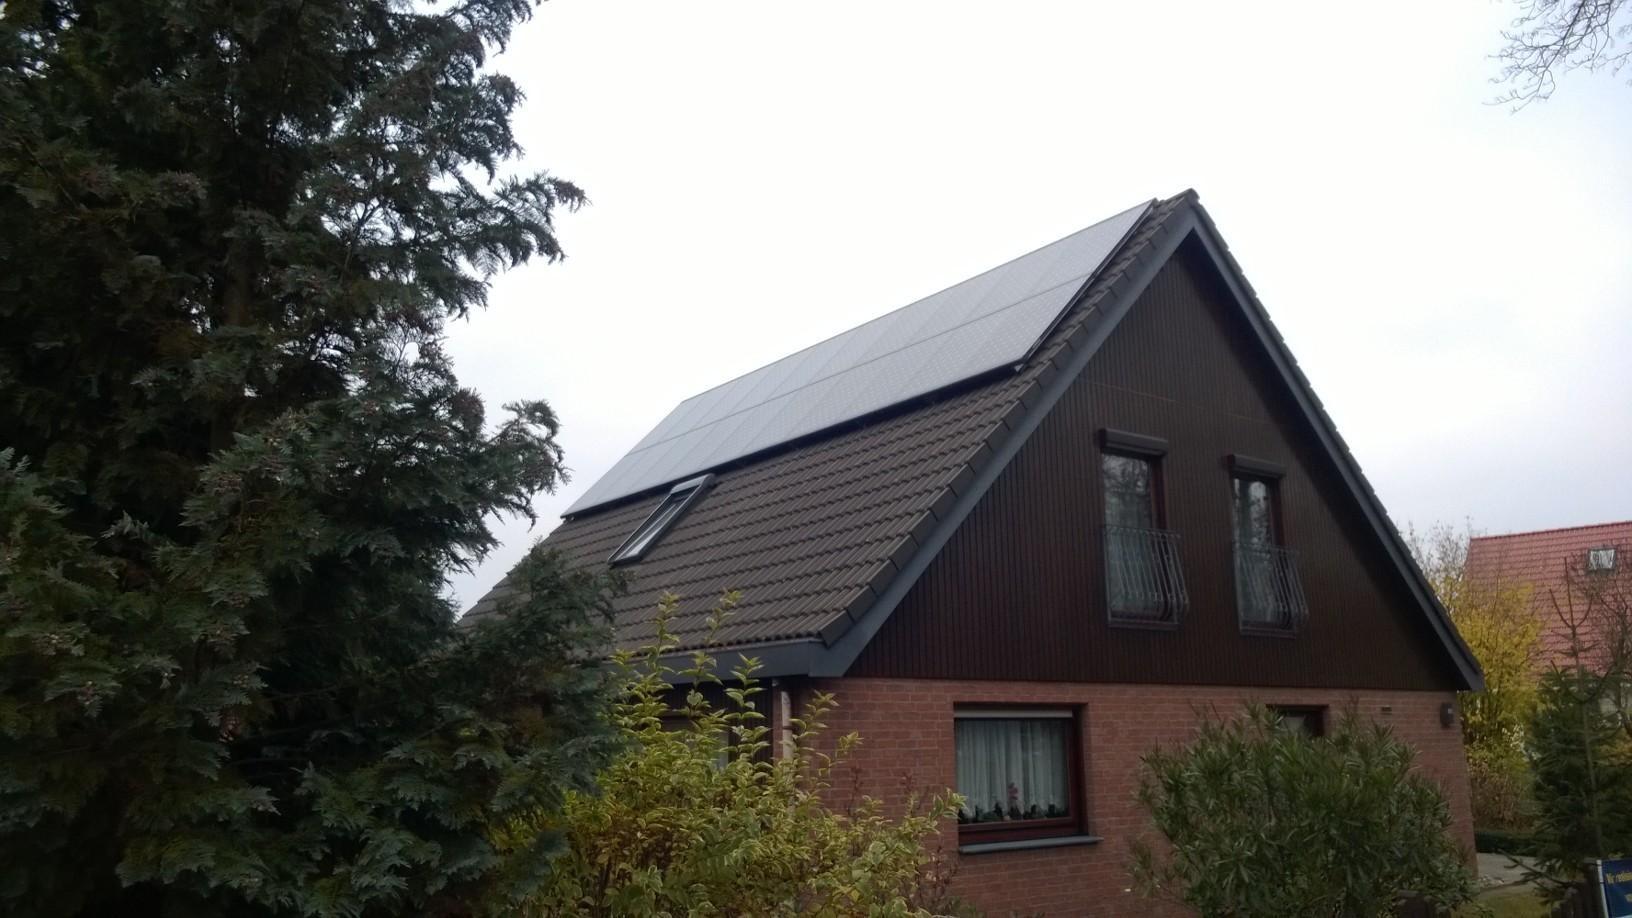 6,54 Sunpower mit Solaredge Wechselrichter in Panketal bei Berlin